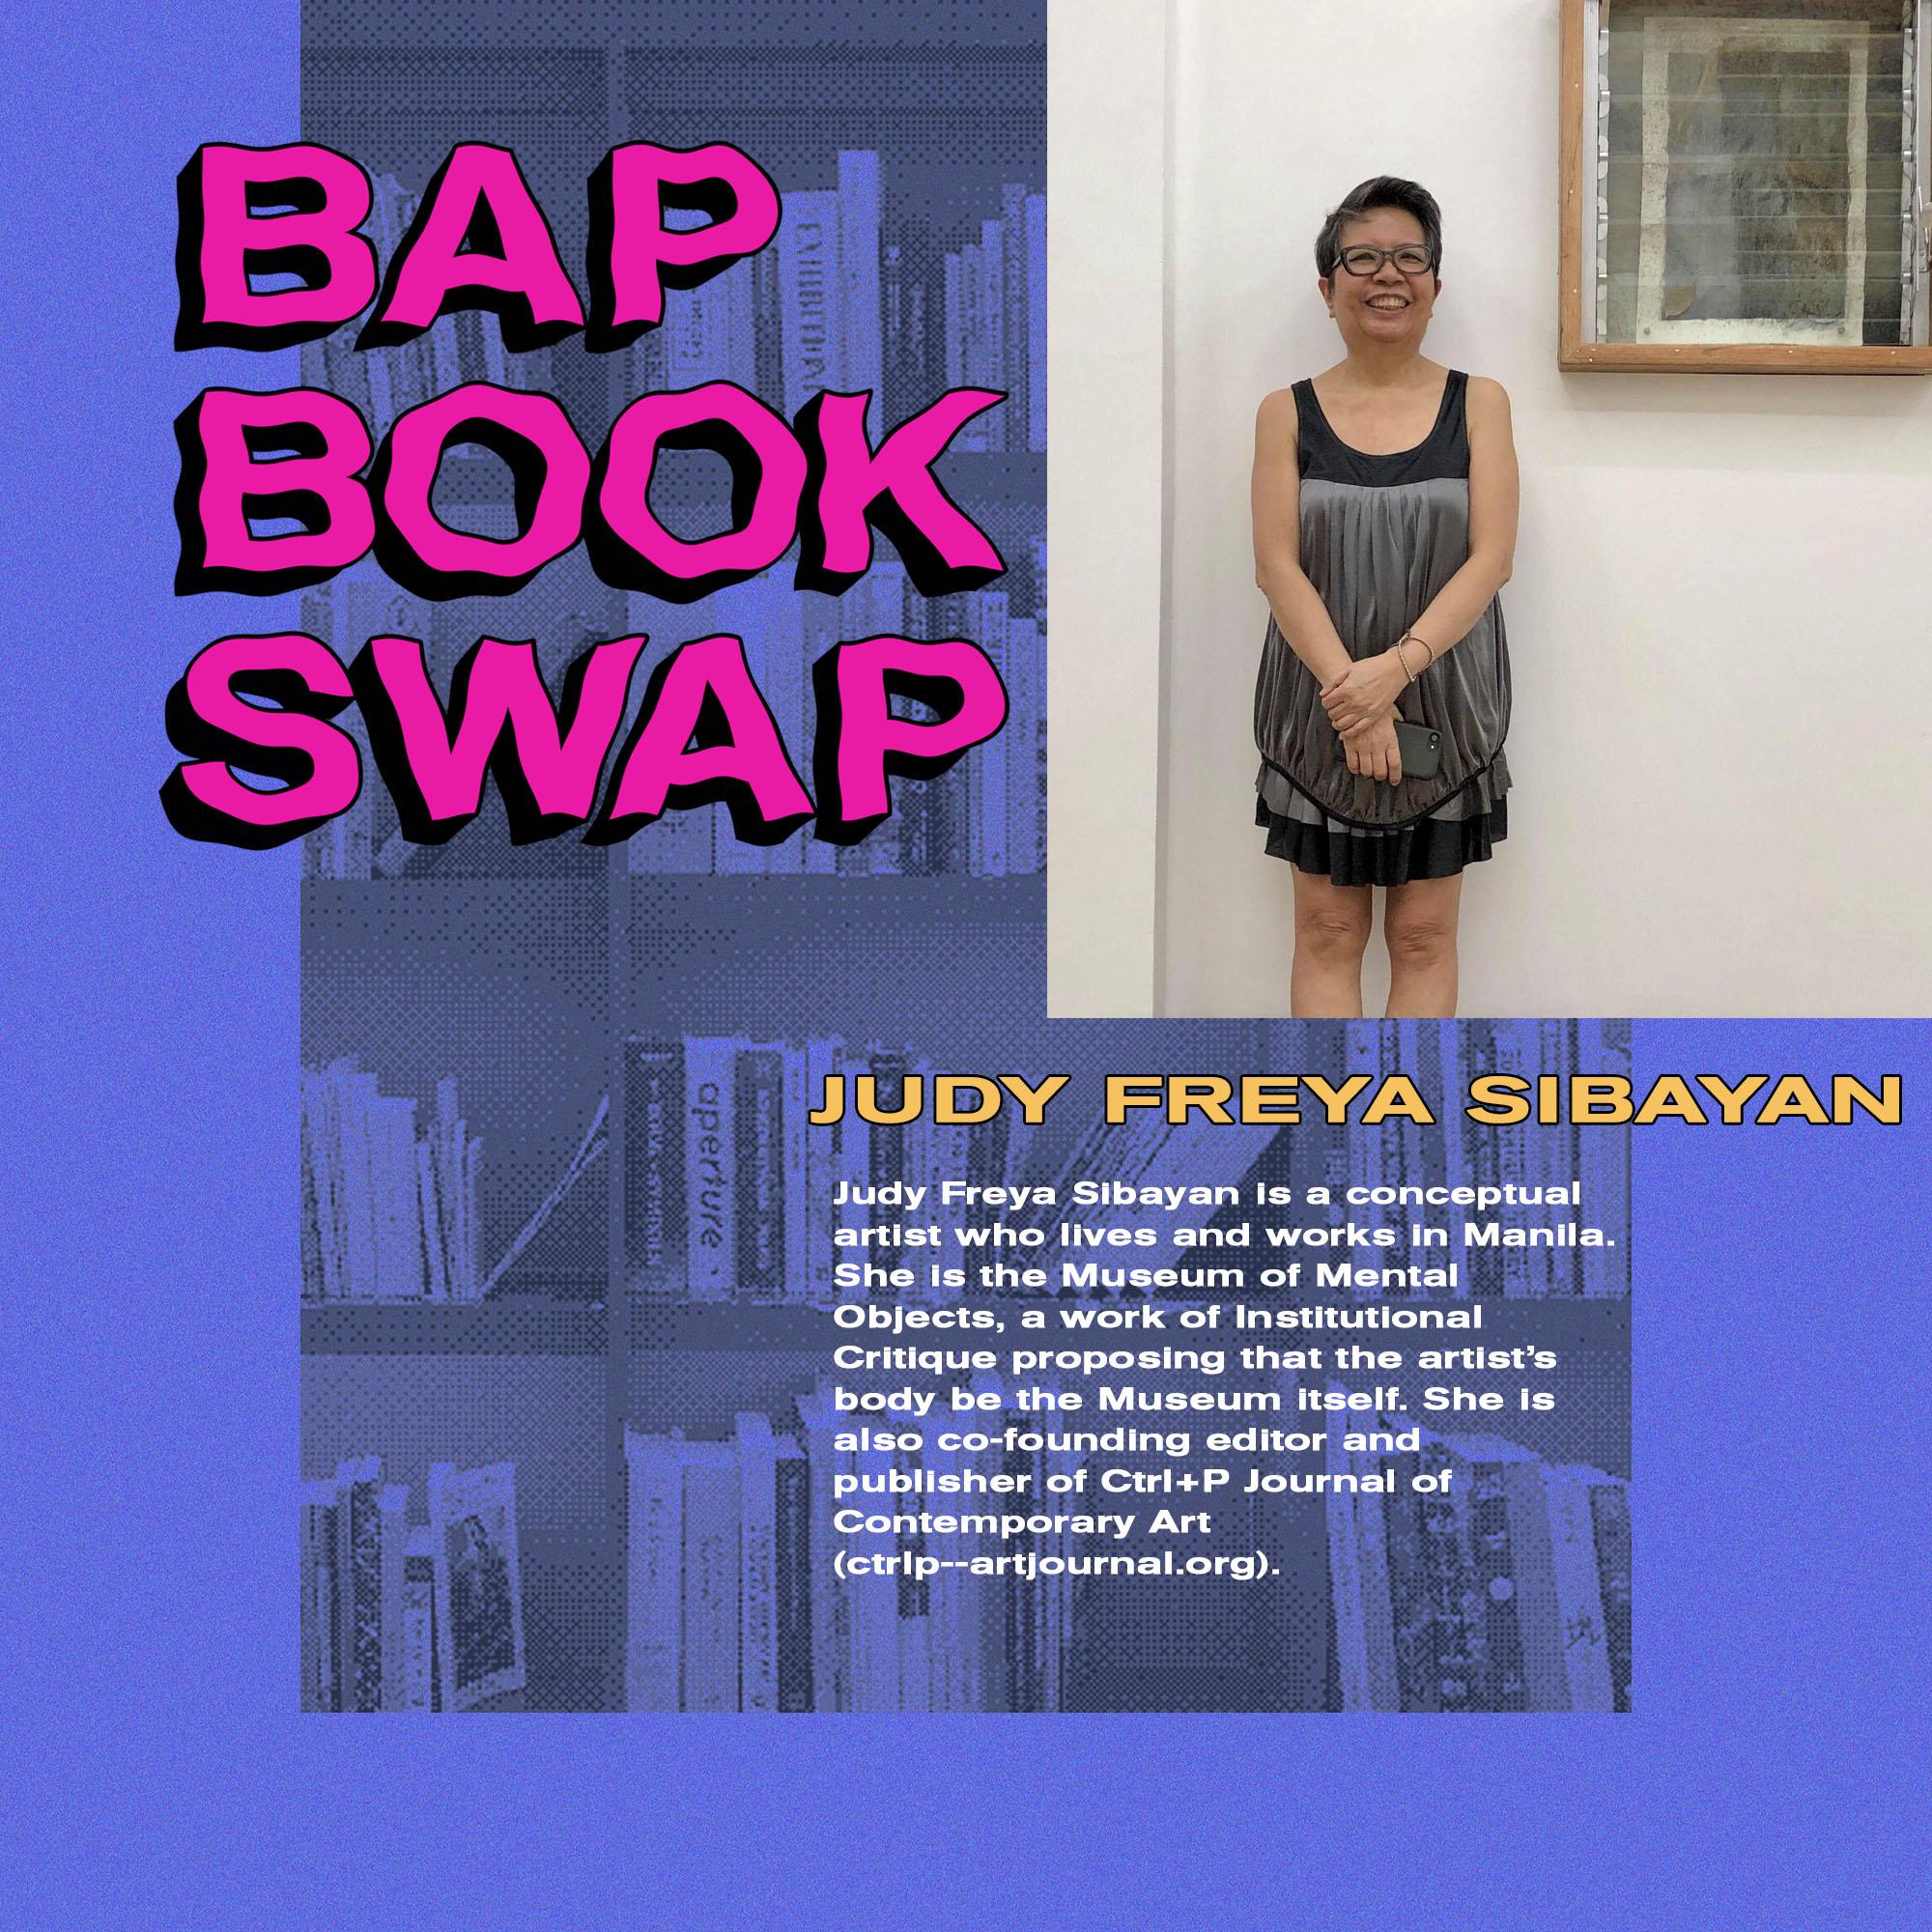 Book Swap_JUDY.jpg